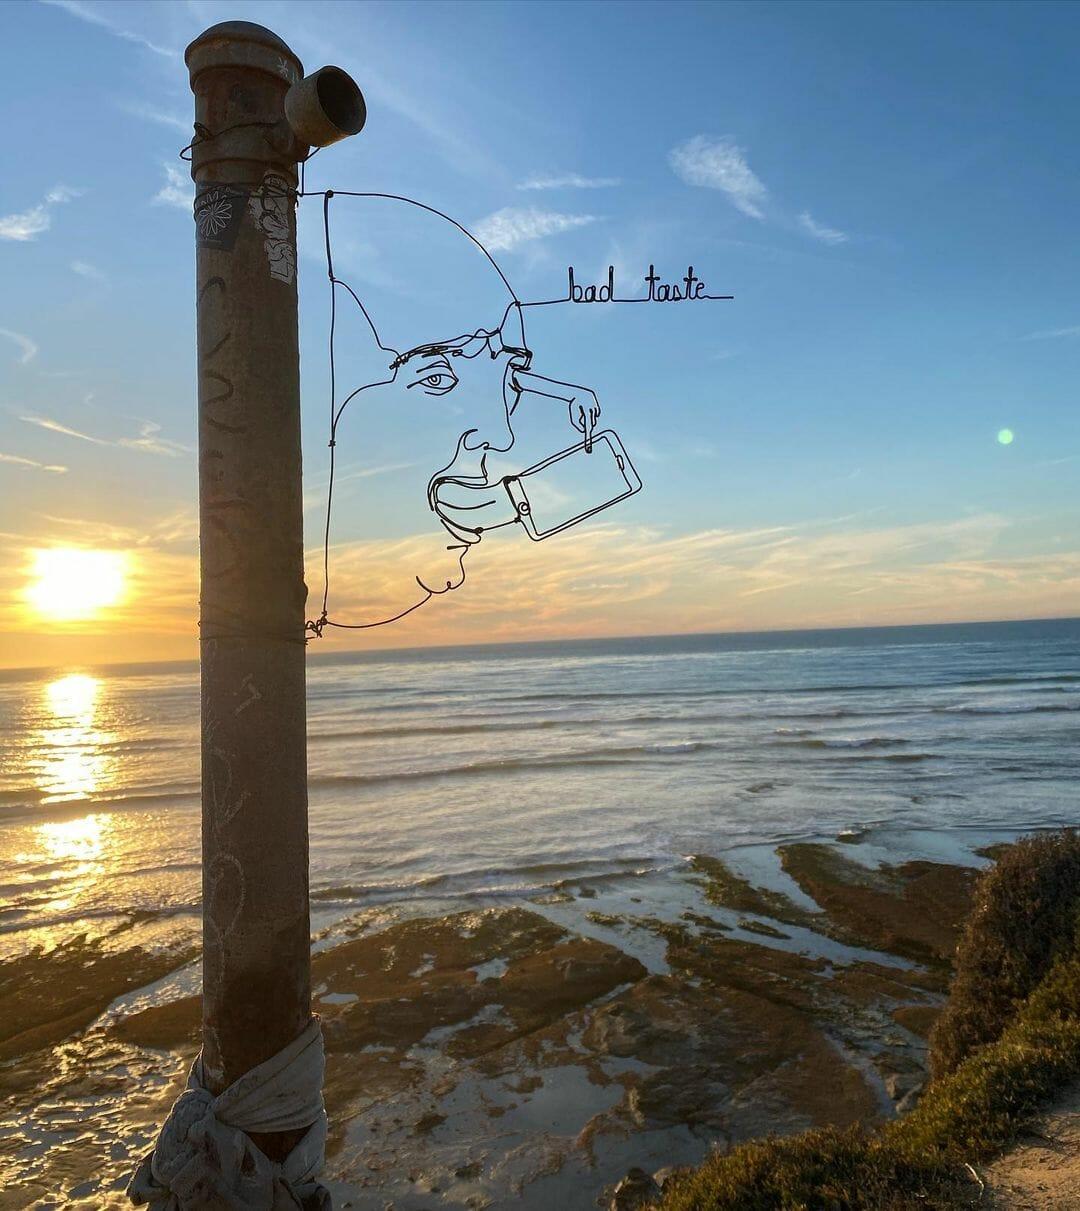 Sculpture en fil de fer abstraite d'un homme léchant un téléphone.